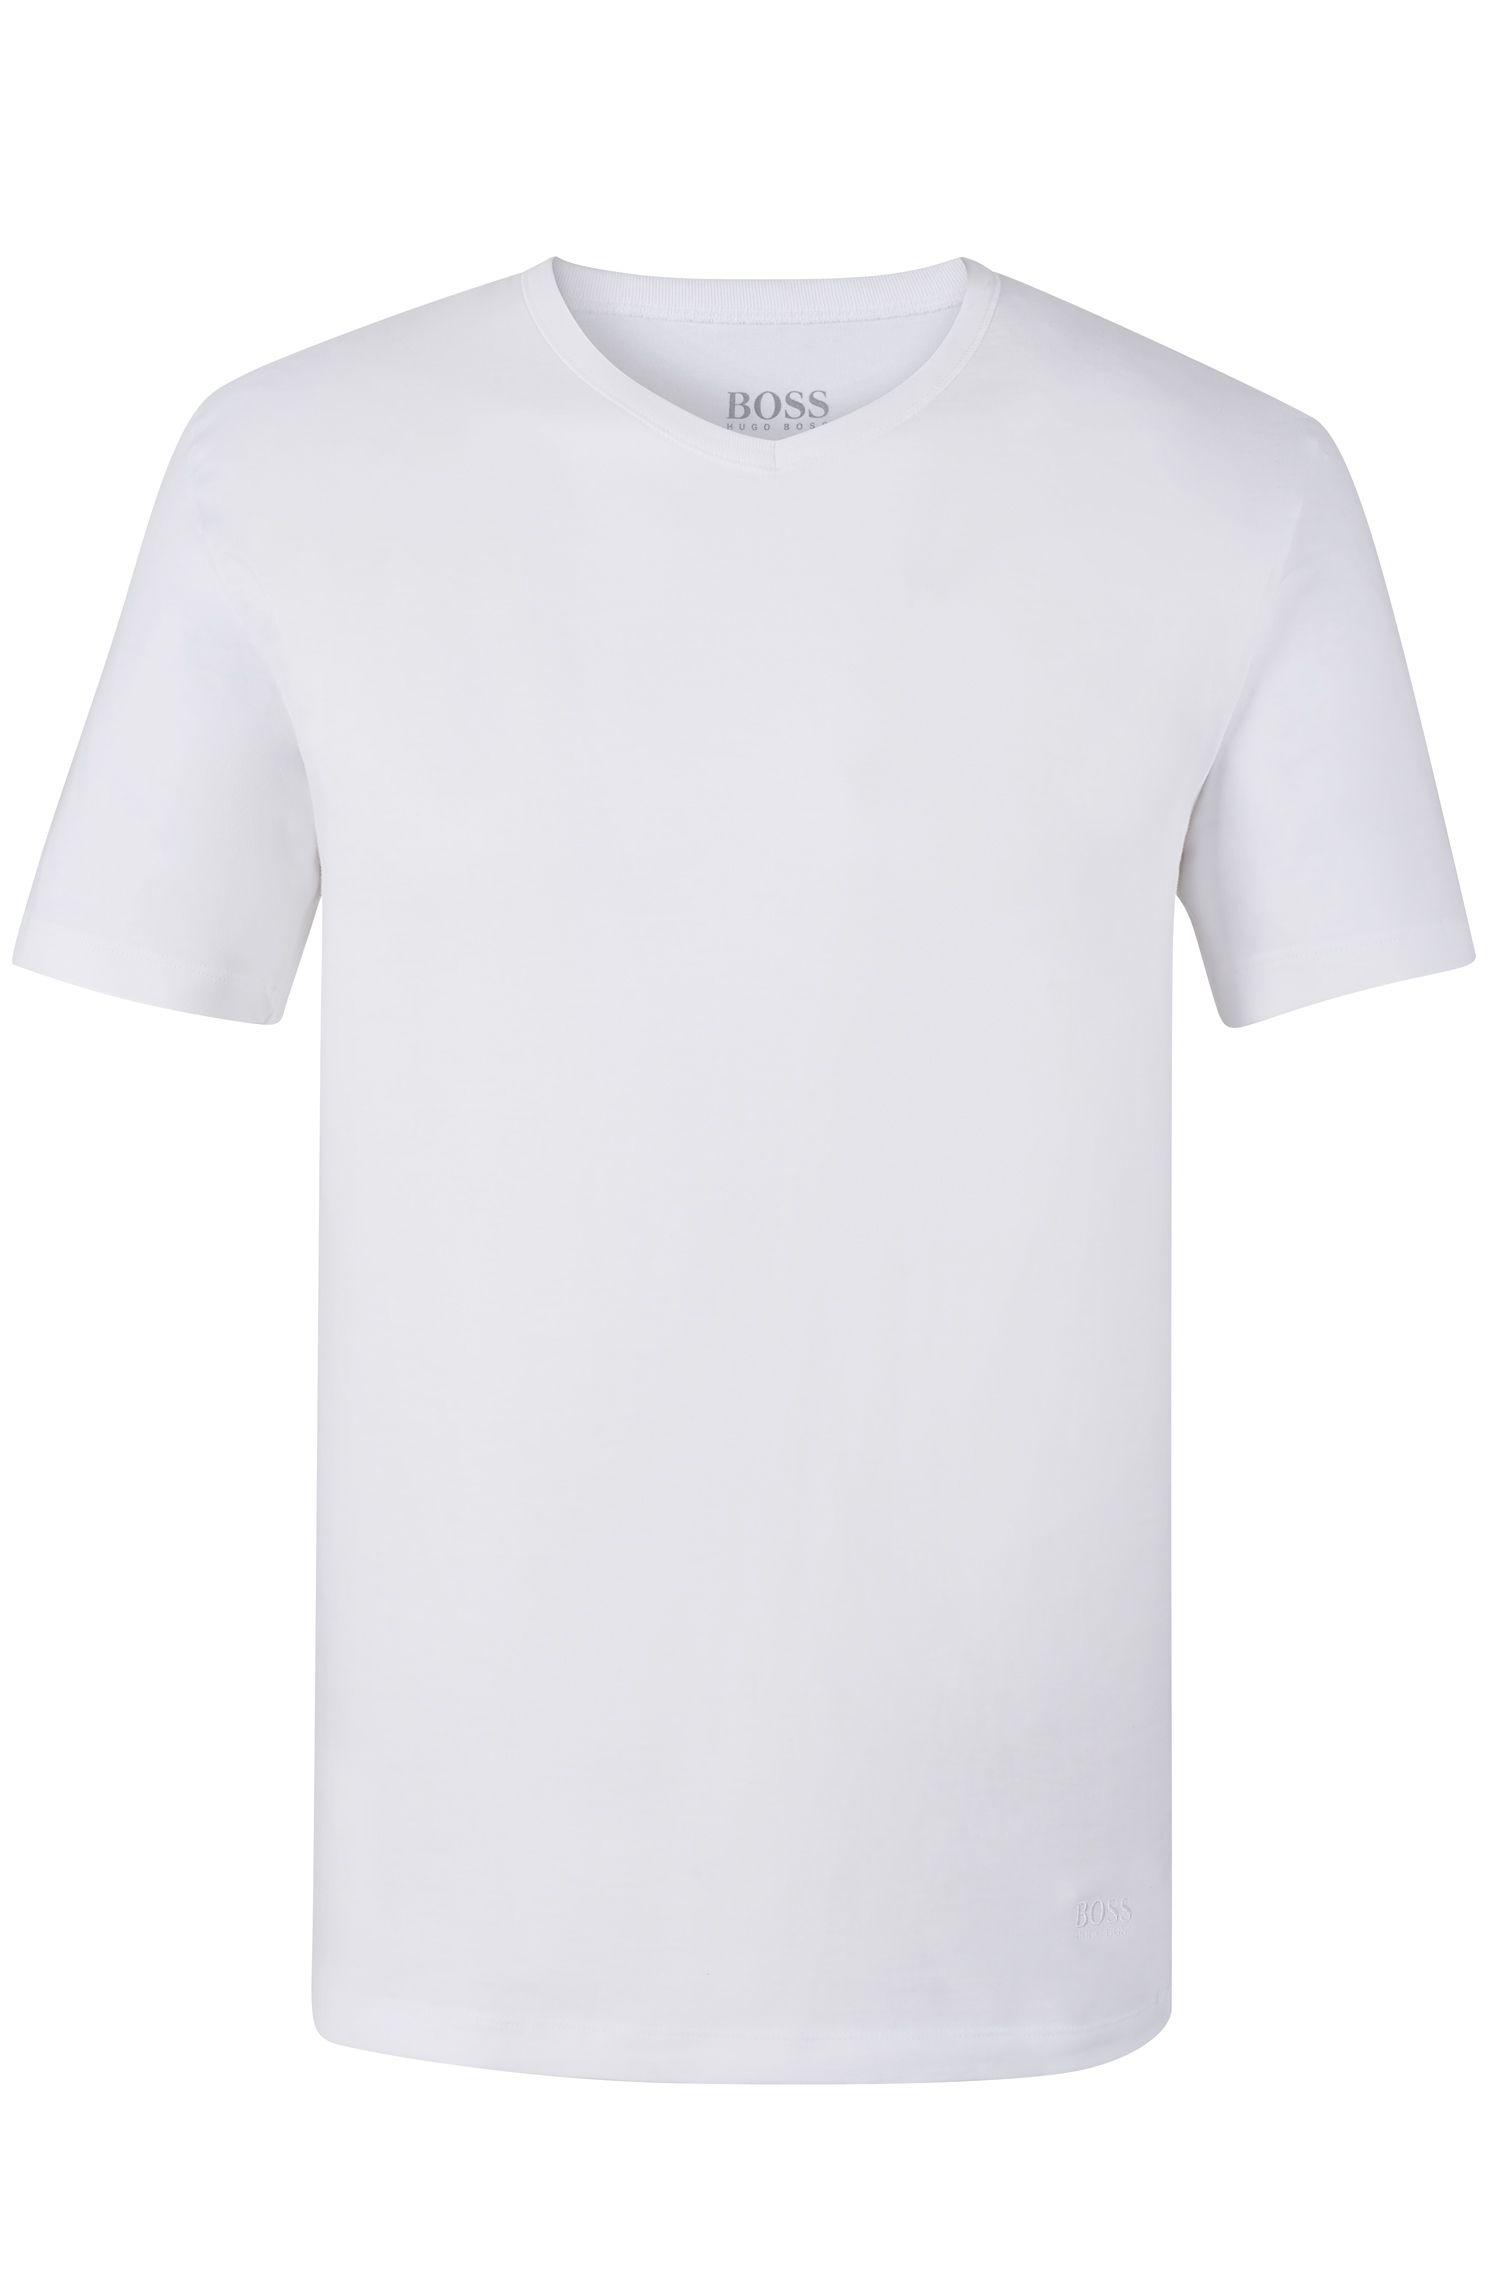 'T-Shirt VN 3P CO'  | Cotton Jersey T-Shirt, 3-Pack